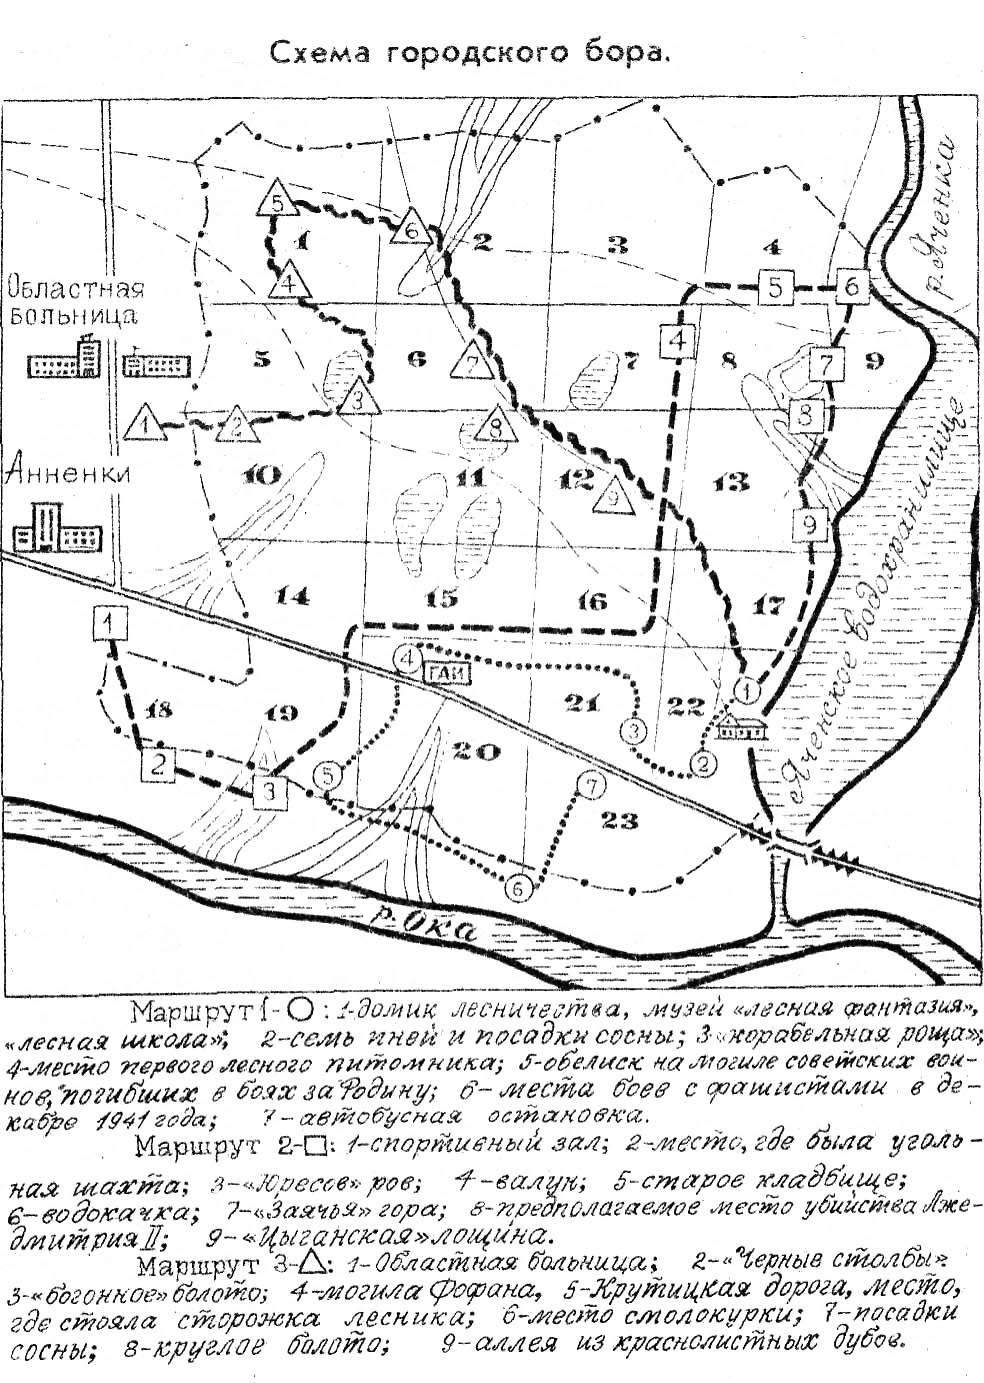 В частности по Калужскому бору, можно найти, где находятся интересные объекты (например, угольная шахта) с этой карты.